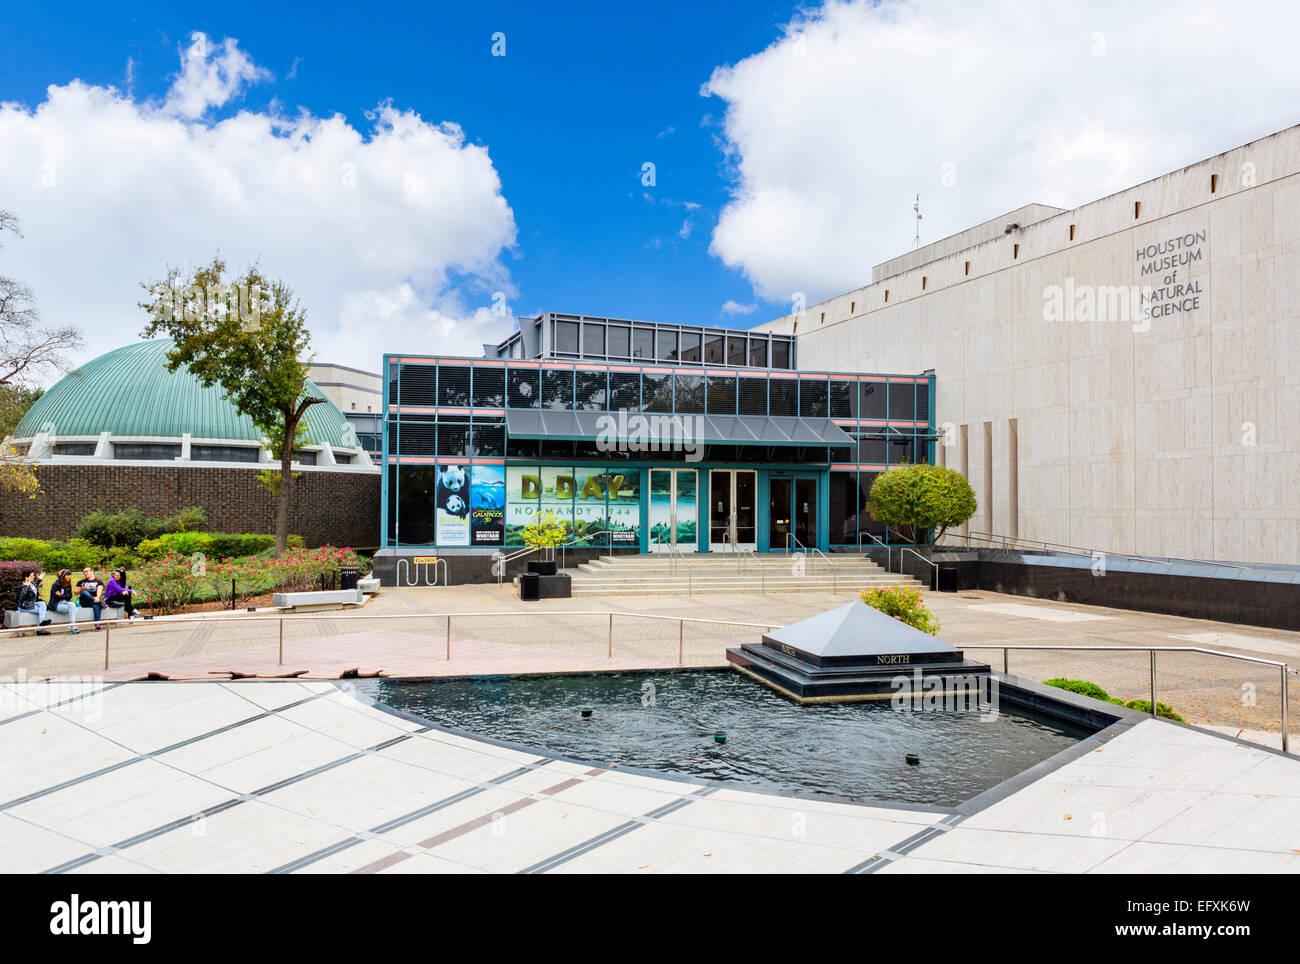 Museo de Ciencias Naturales de Houston, Hermann Park, el distrito de los museos de la ciudad de Houston, Texas, Imagen De Stock